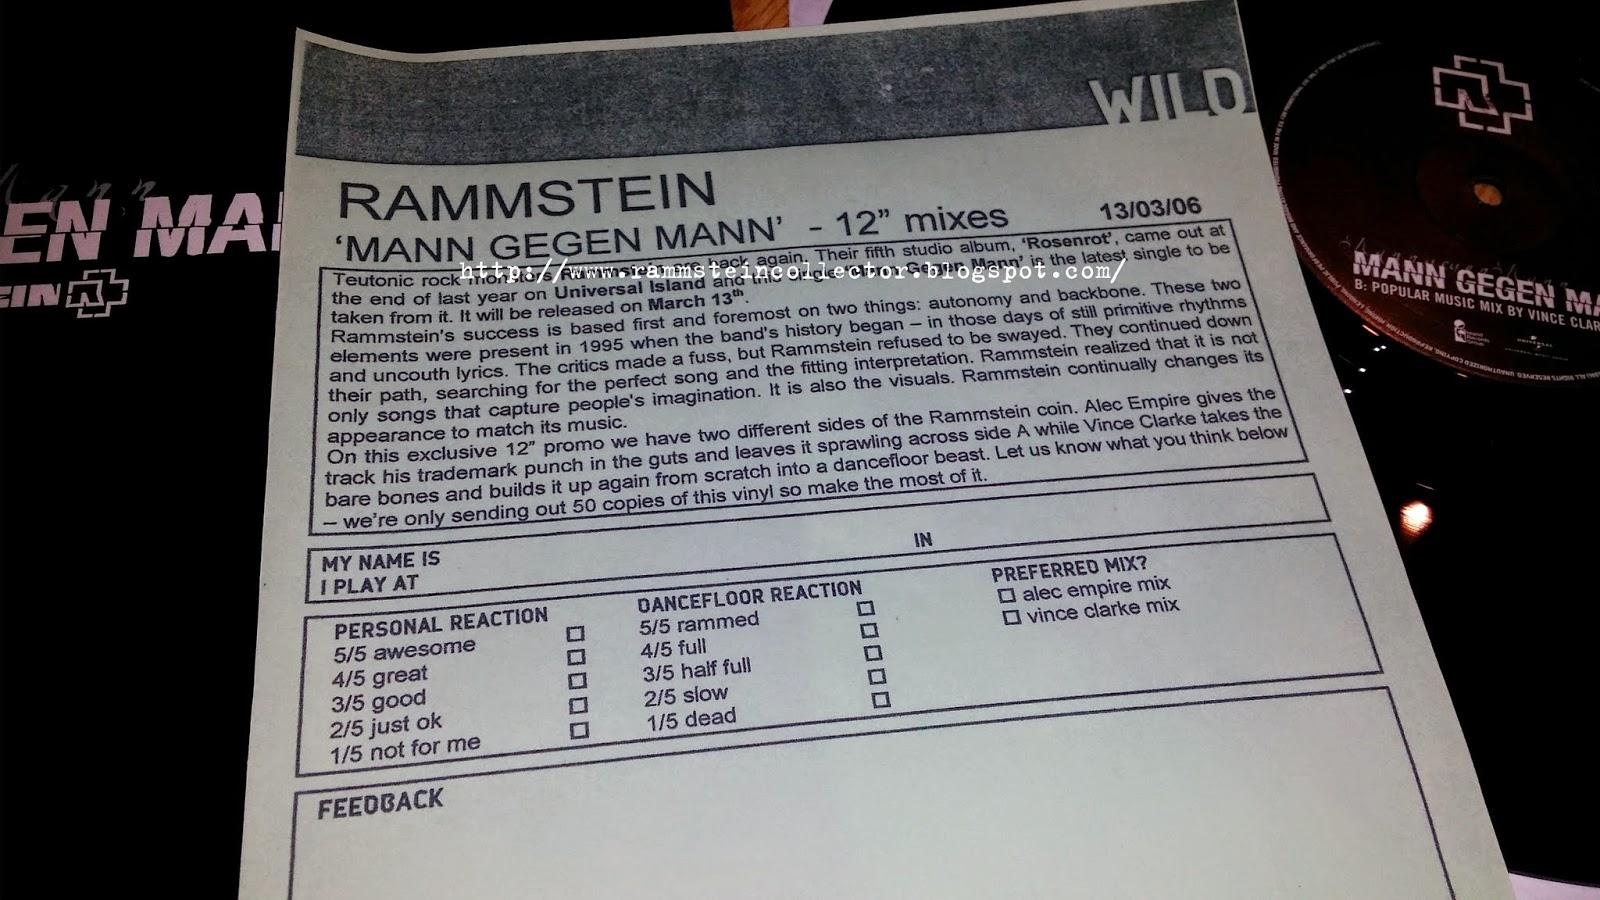 Rammstein mann gegen mann single